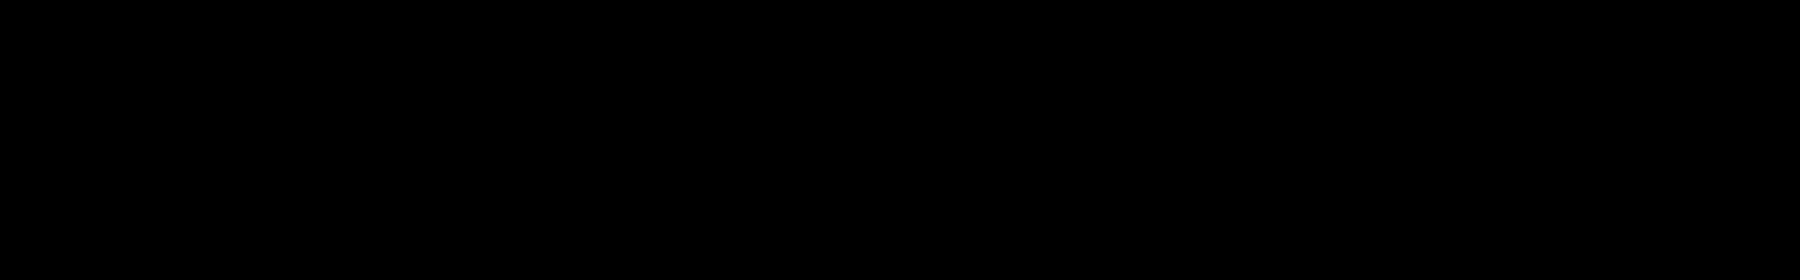 RAZOR'S EDGE - 100 NI Razor's patches audio waveform